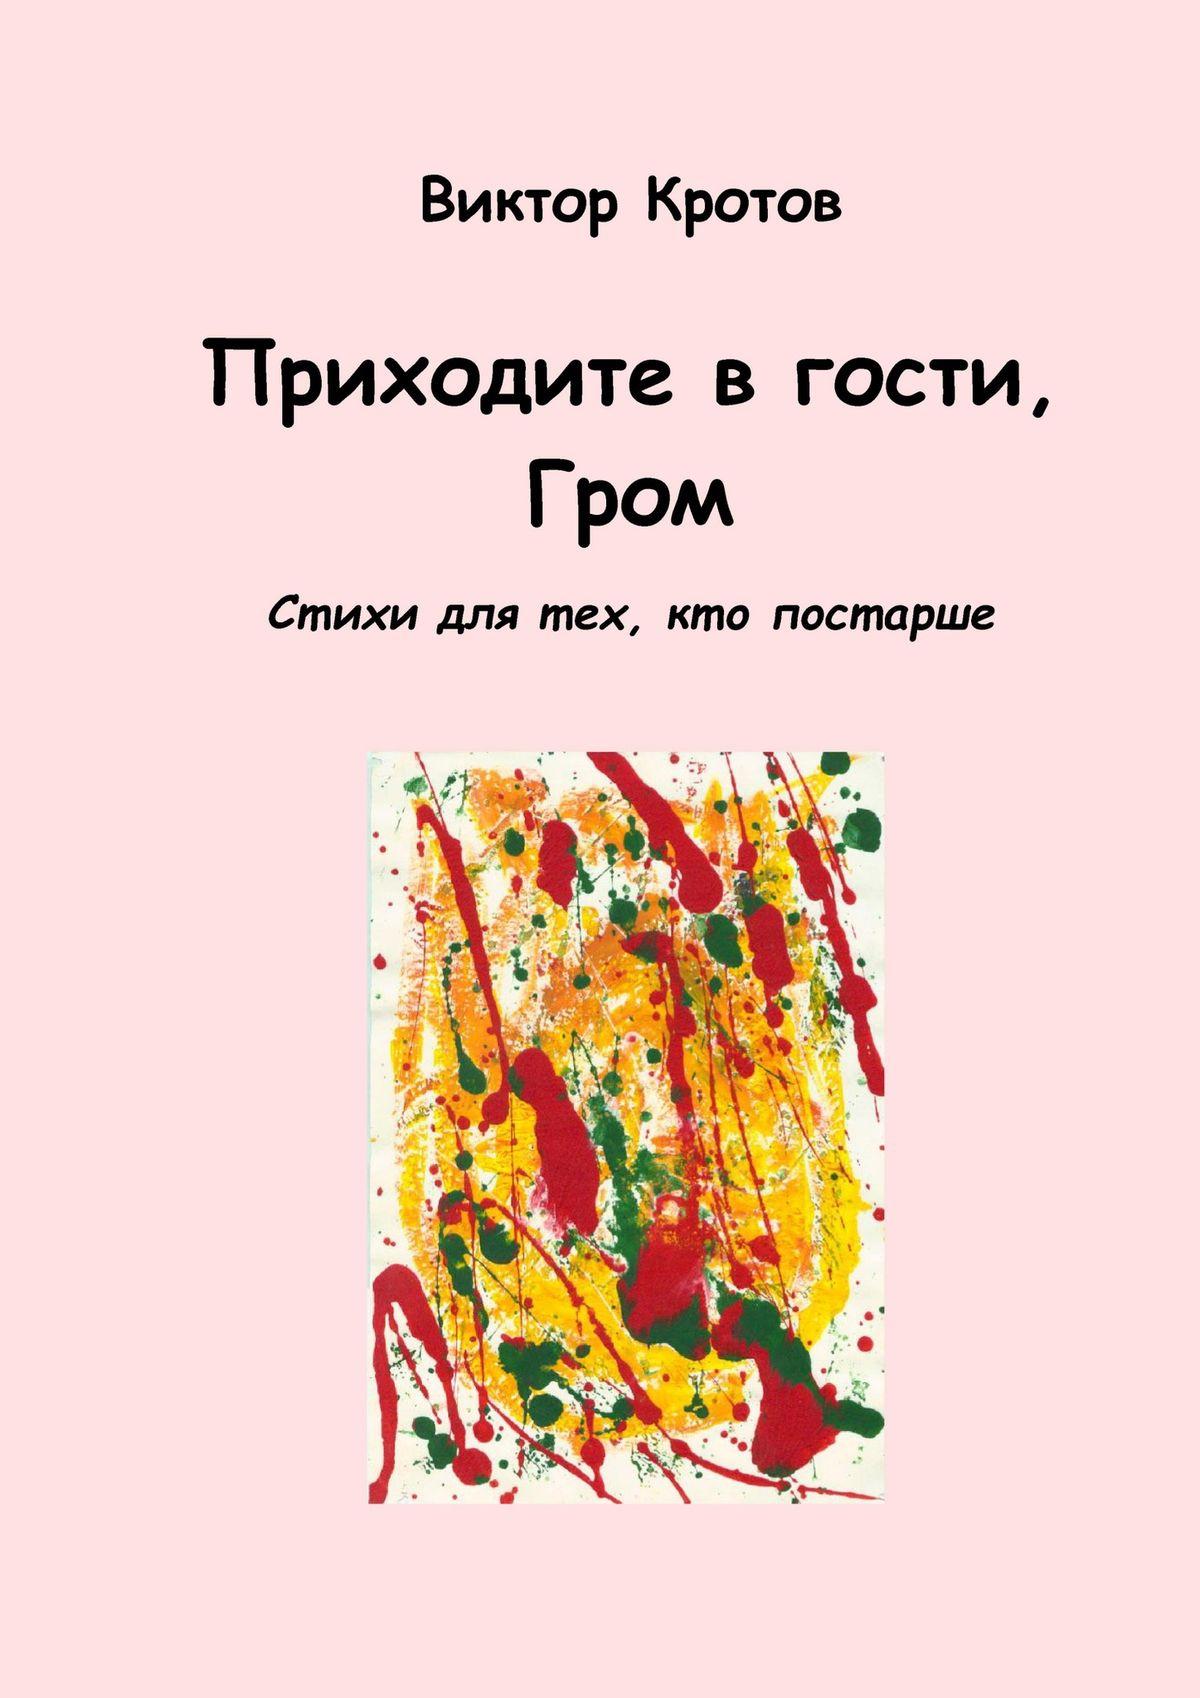 Виктор Кротов Приходите в гости, Гром. Стихи для тех, кто постарше игровые стихи